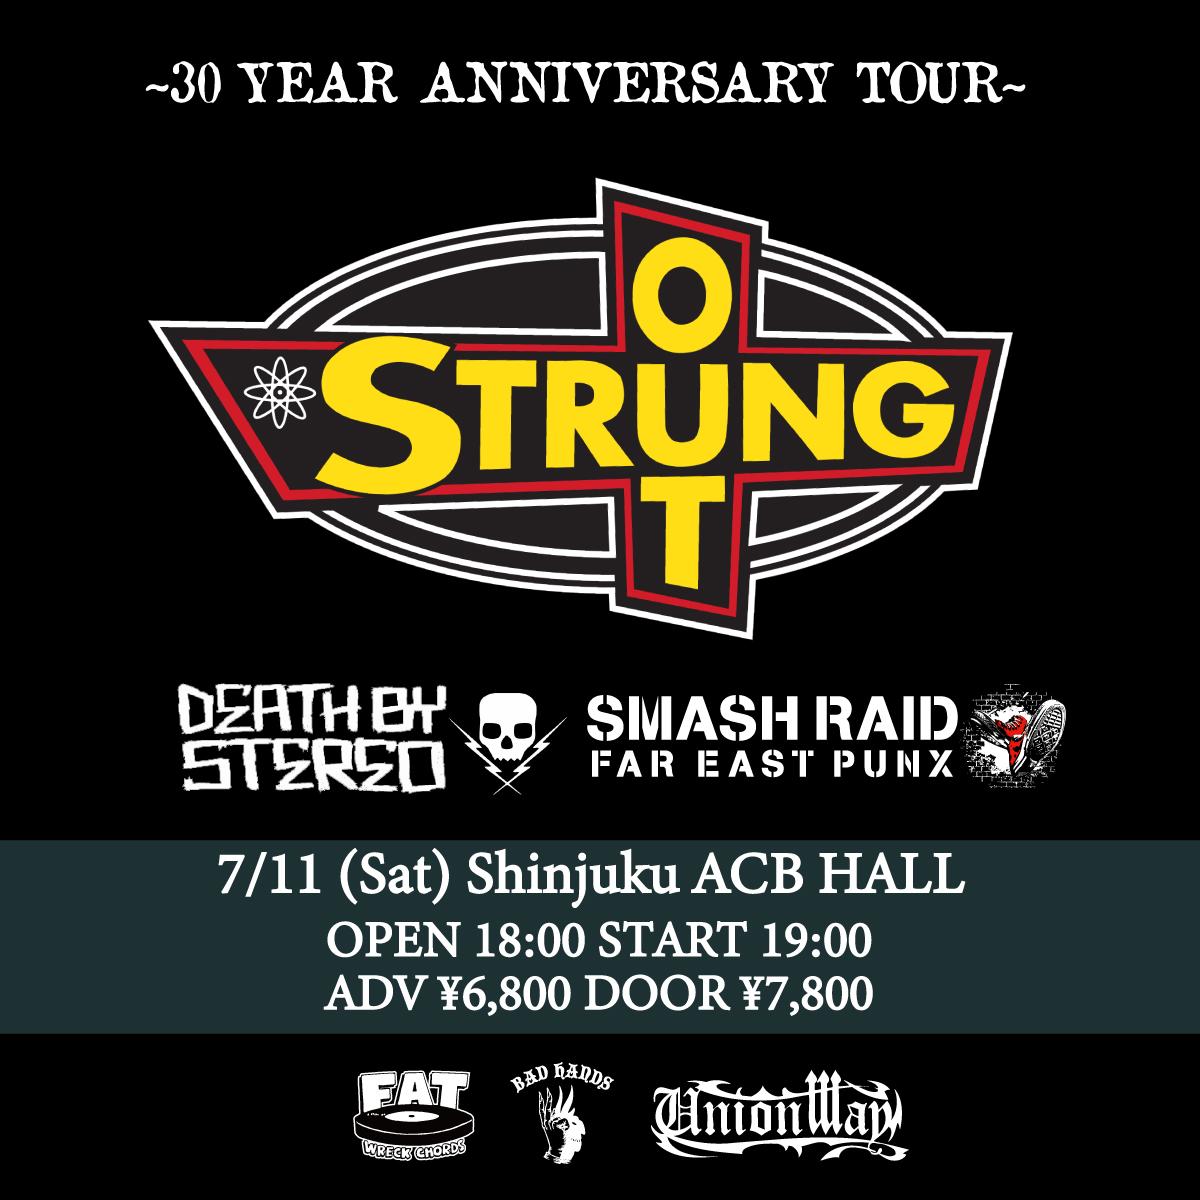 【キャンセル】UNIONWAY presents STRUNG OUT JAPAN TOUR 2020 DAY2 〜30 YEAR ANNIVERSARY TOUR〜の写真